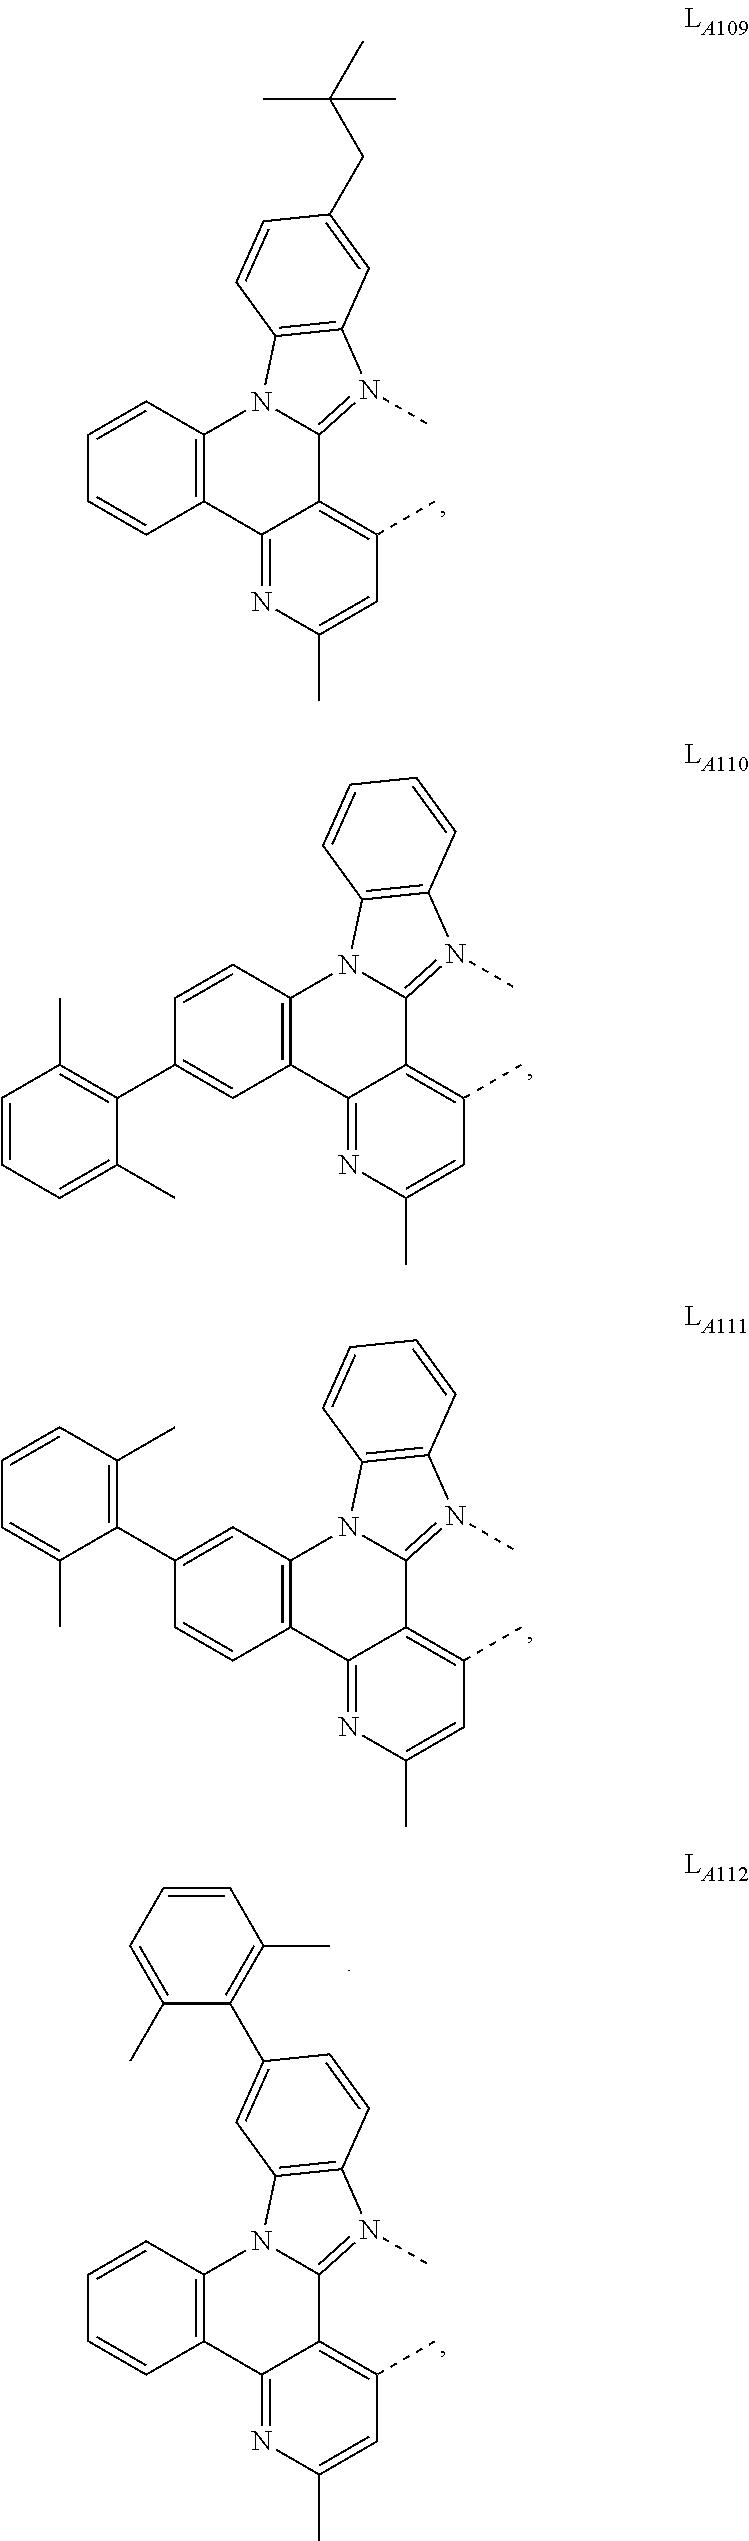 Figure US09905785-20180227-C00448